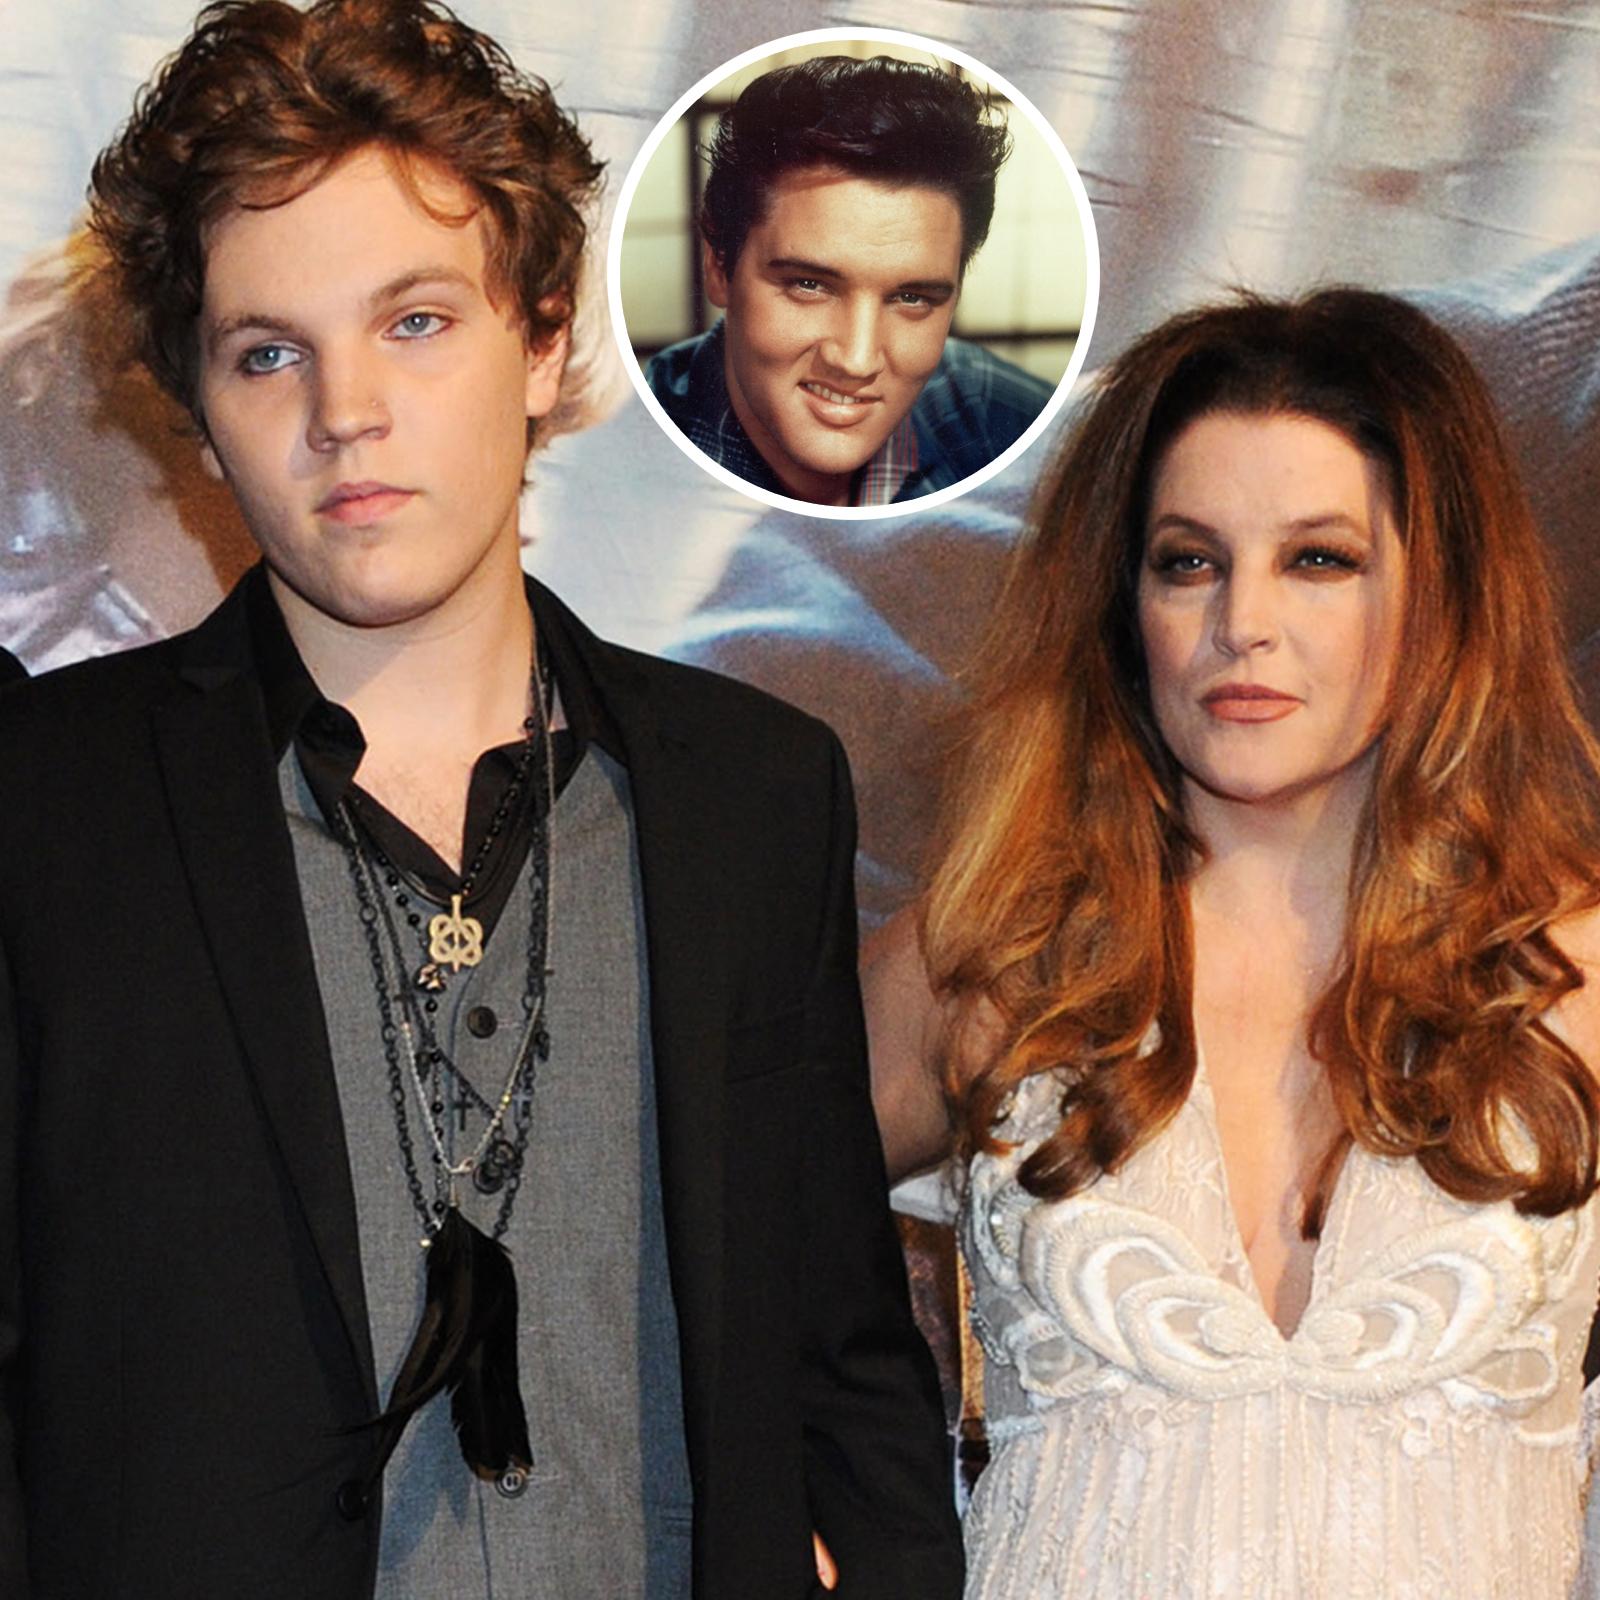 Benjamin Keough and mom Lisa Marie Presley, Elvis Presley